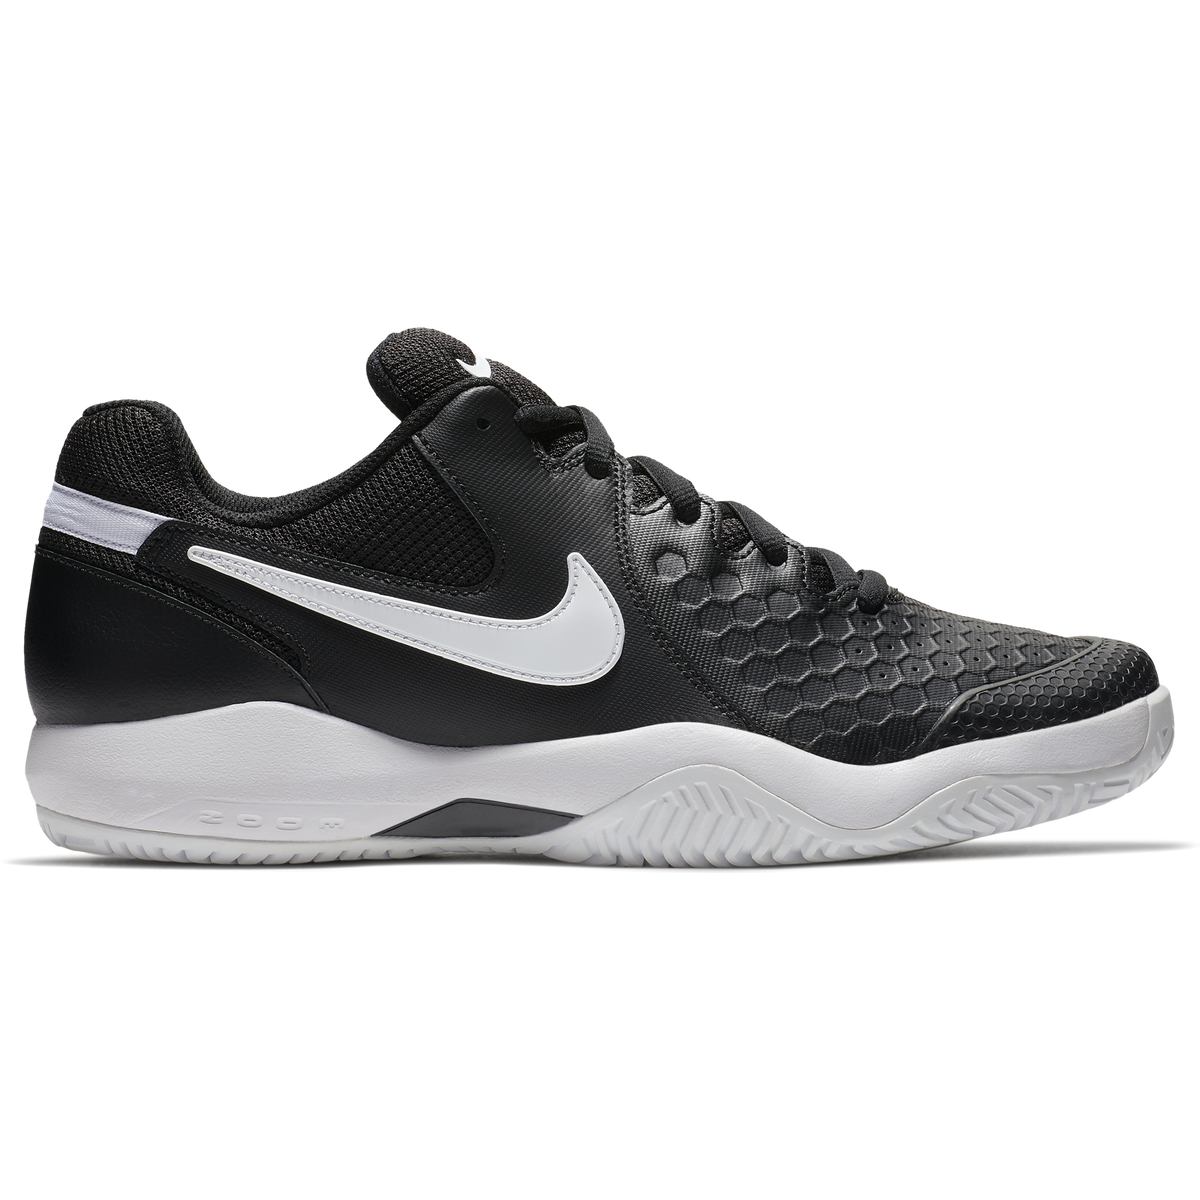 9a7bd5d50a54 Images. Nike Air Zoom Resistance Men  39 s Tennis Shoe - Black White